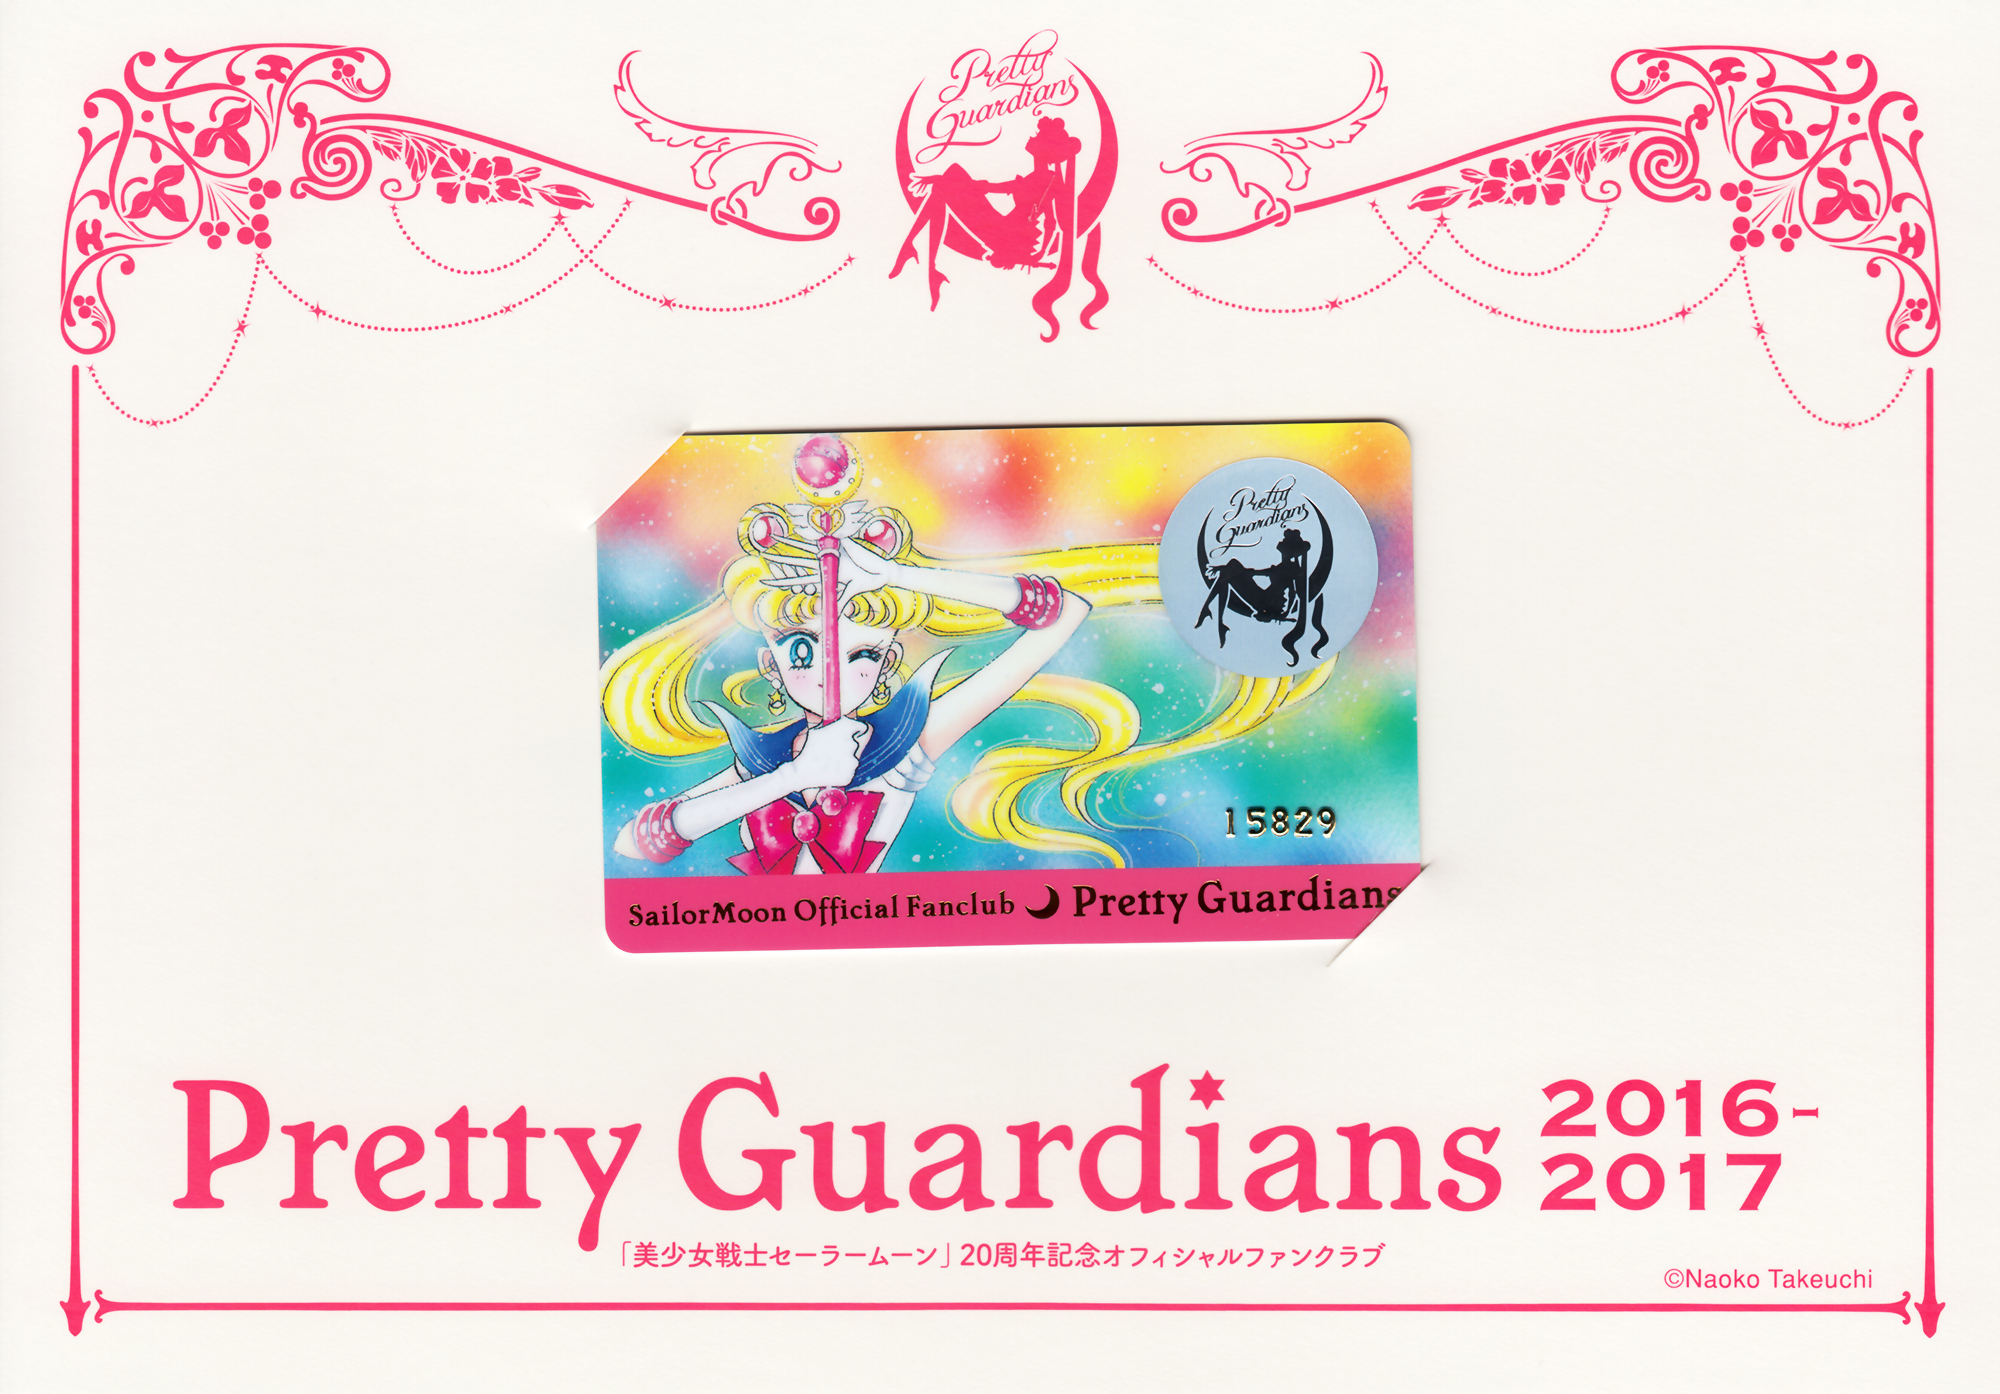 Sailor-moon-fanclub-card-01